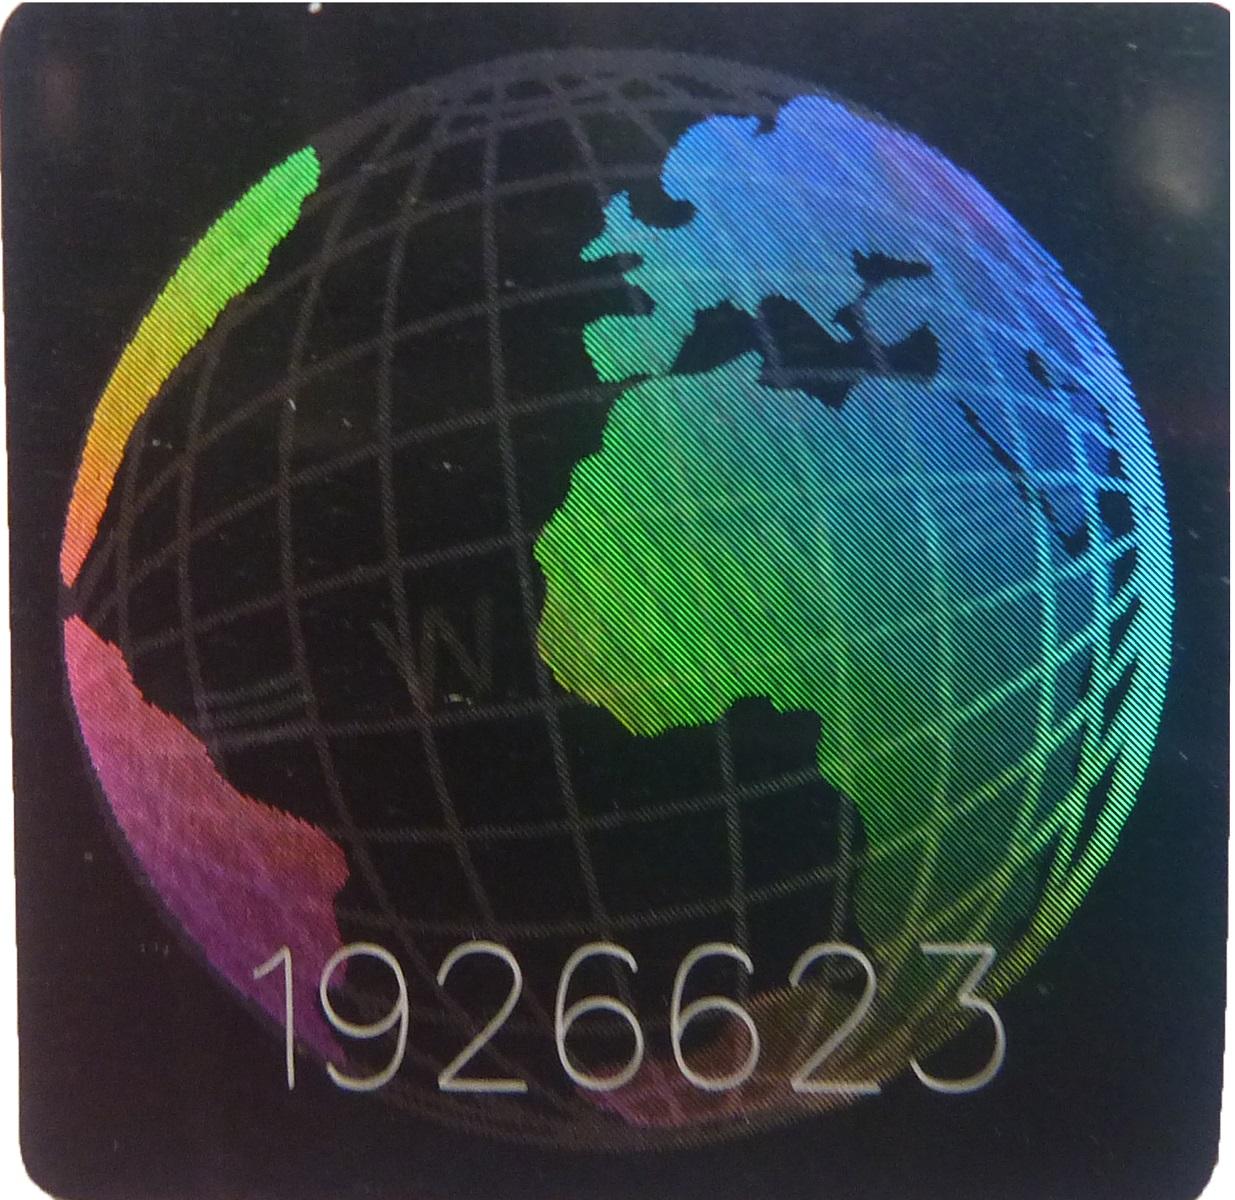 Hologramm-Aufkler 3D Welt Nummer, 20x20mm, Garantiesiegel, Sicherheitsetikett